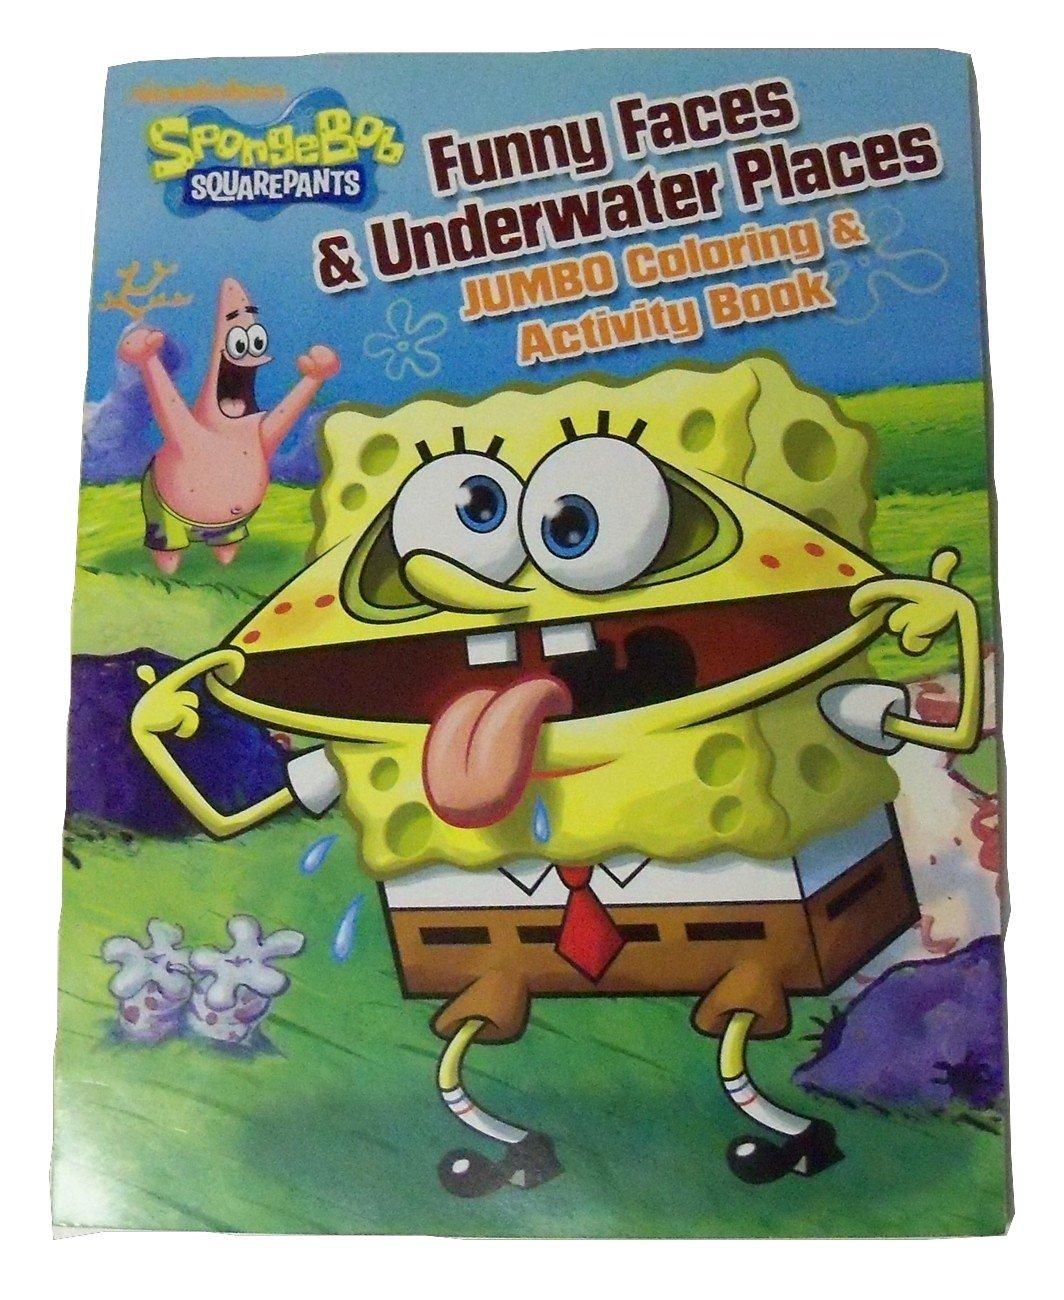 buy spongebob squarepants jumbo coloring activity book funny